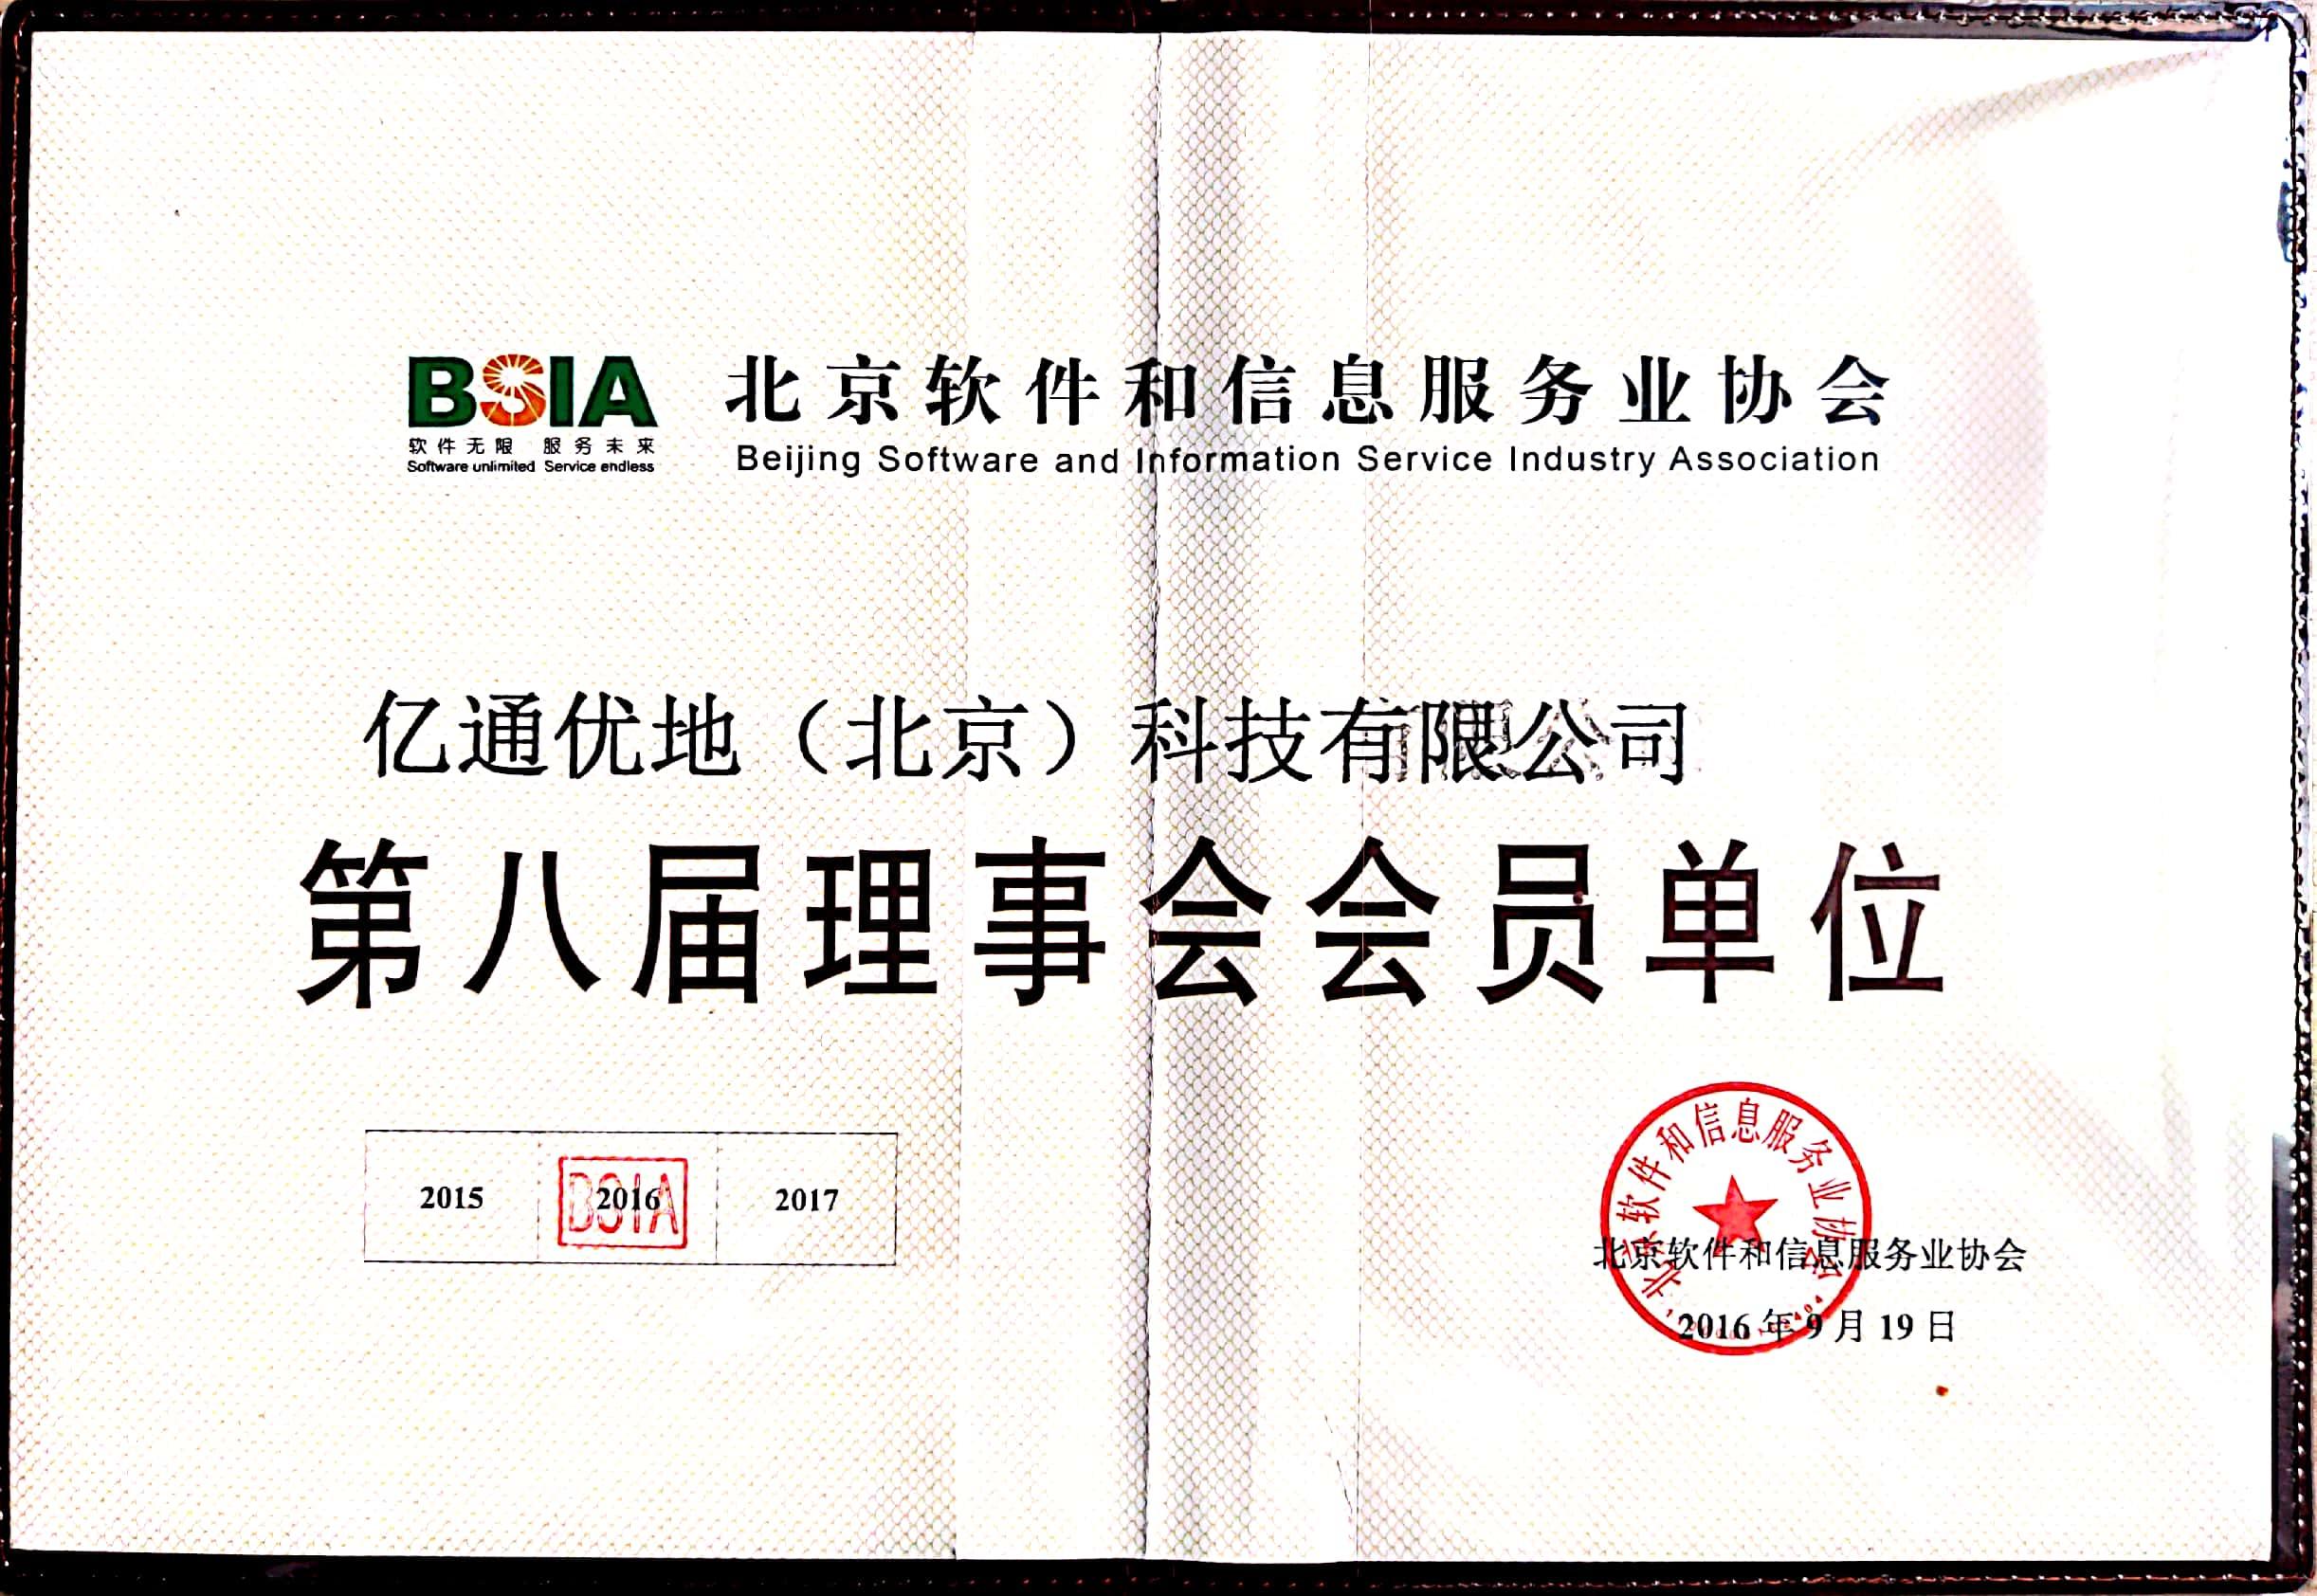 北京软件和信息服务也协会第八届理事会会员